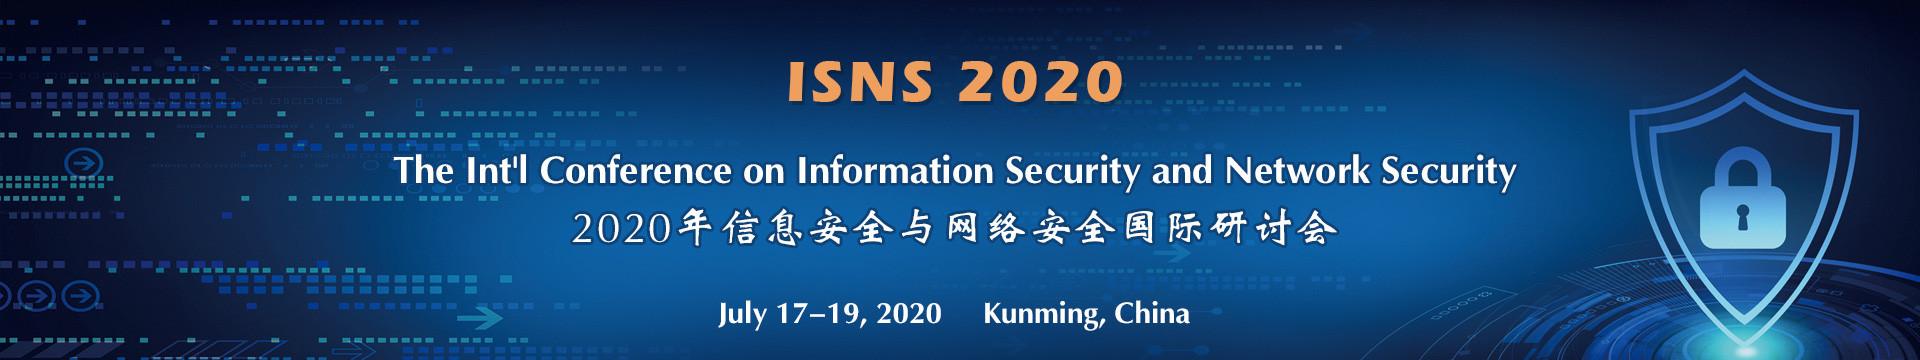 2020信息安全與網絡安全國際研討會 (ISNS 2020)